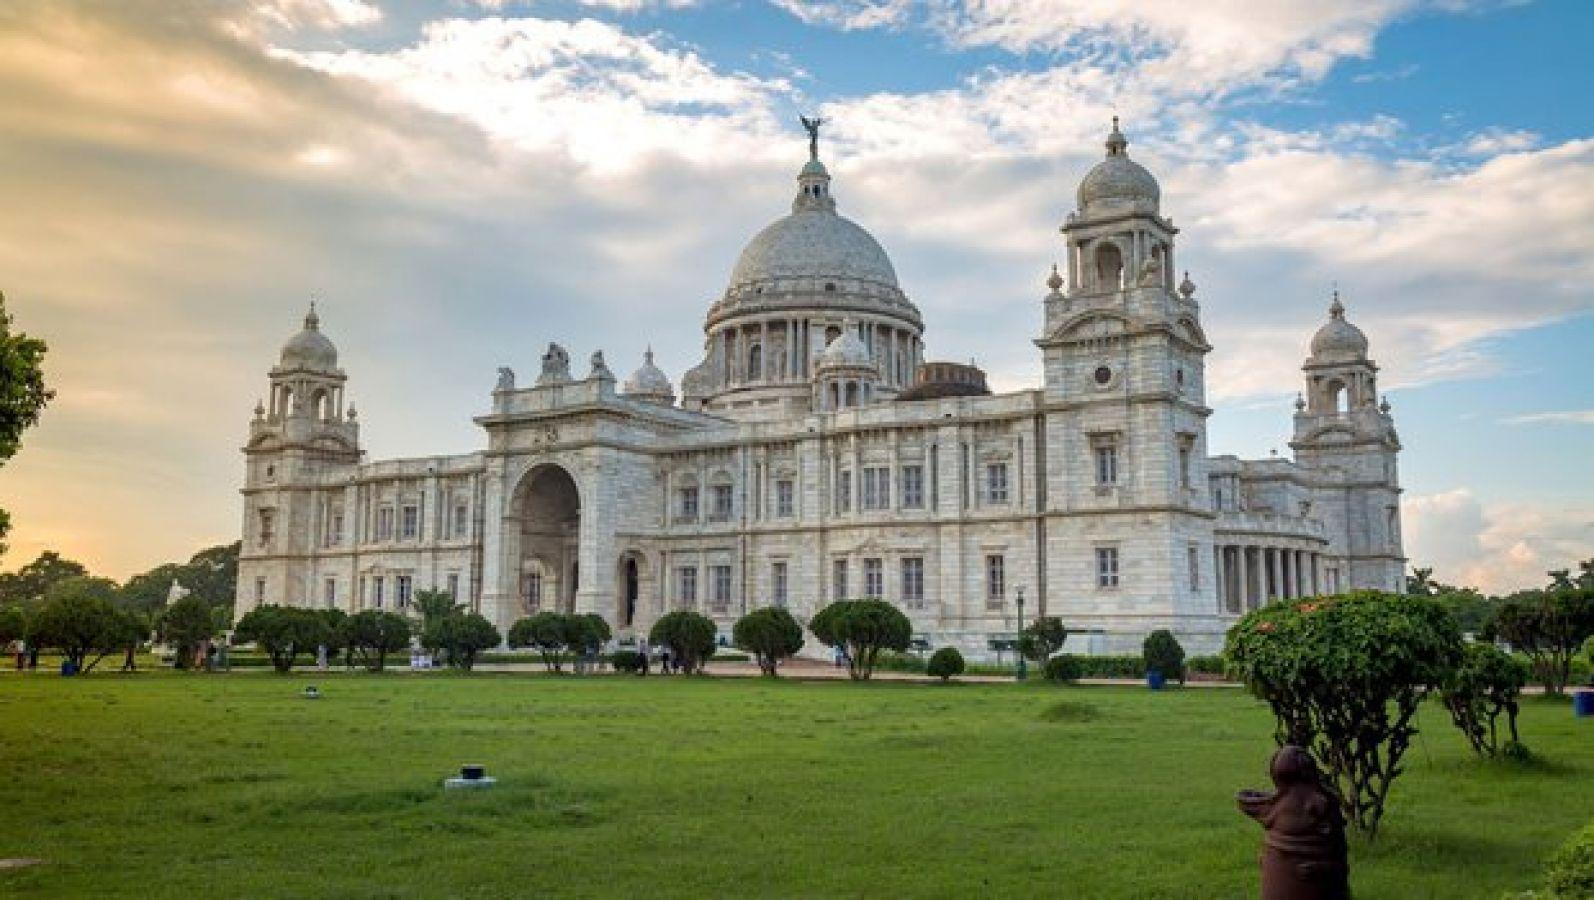 Victoria Memorial Popular Attractions